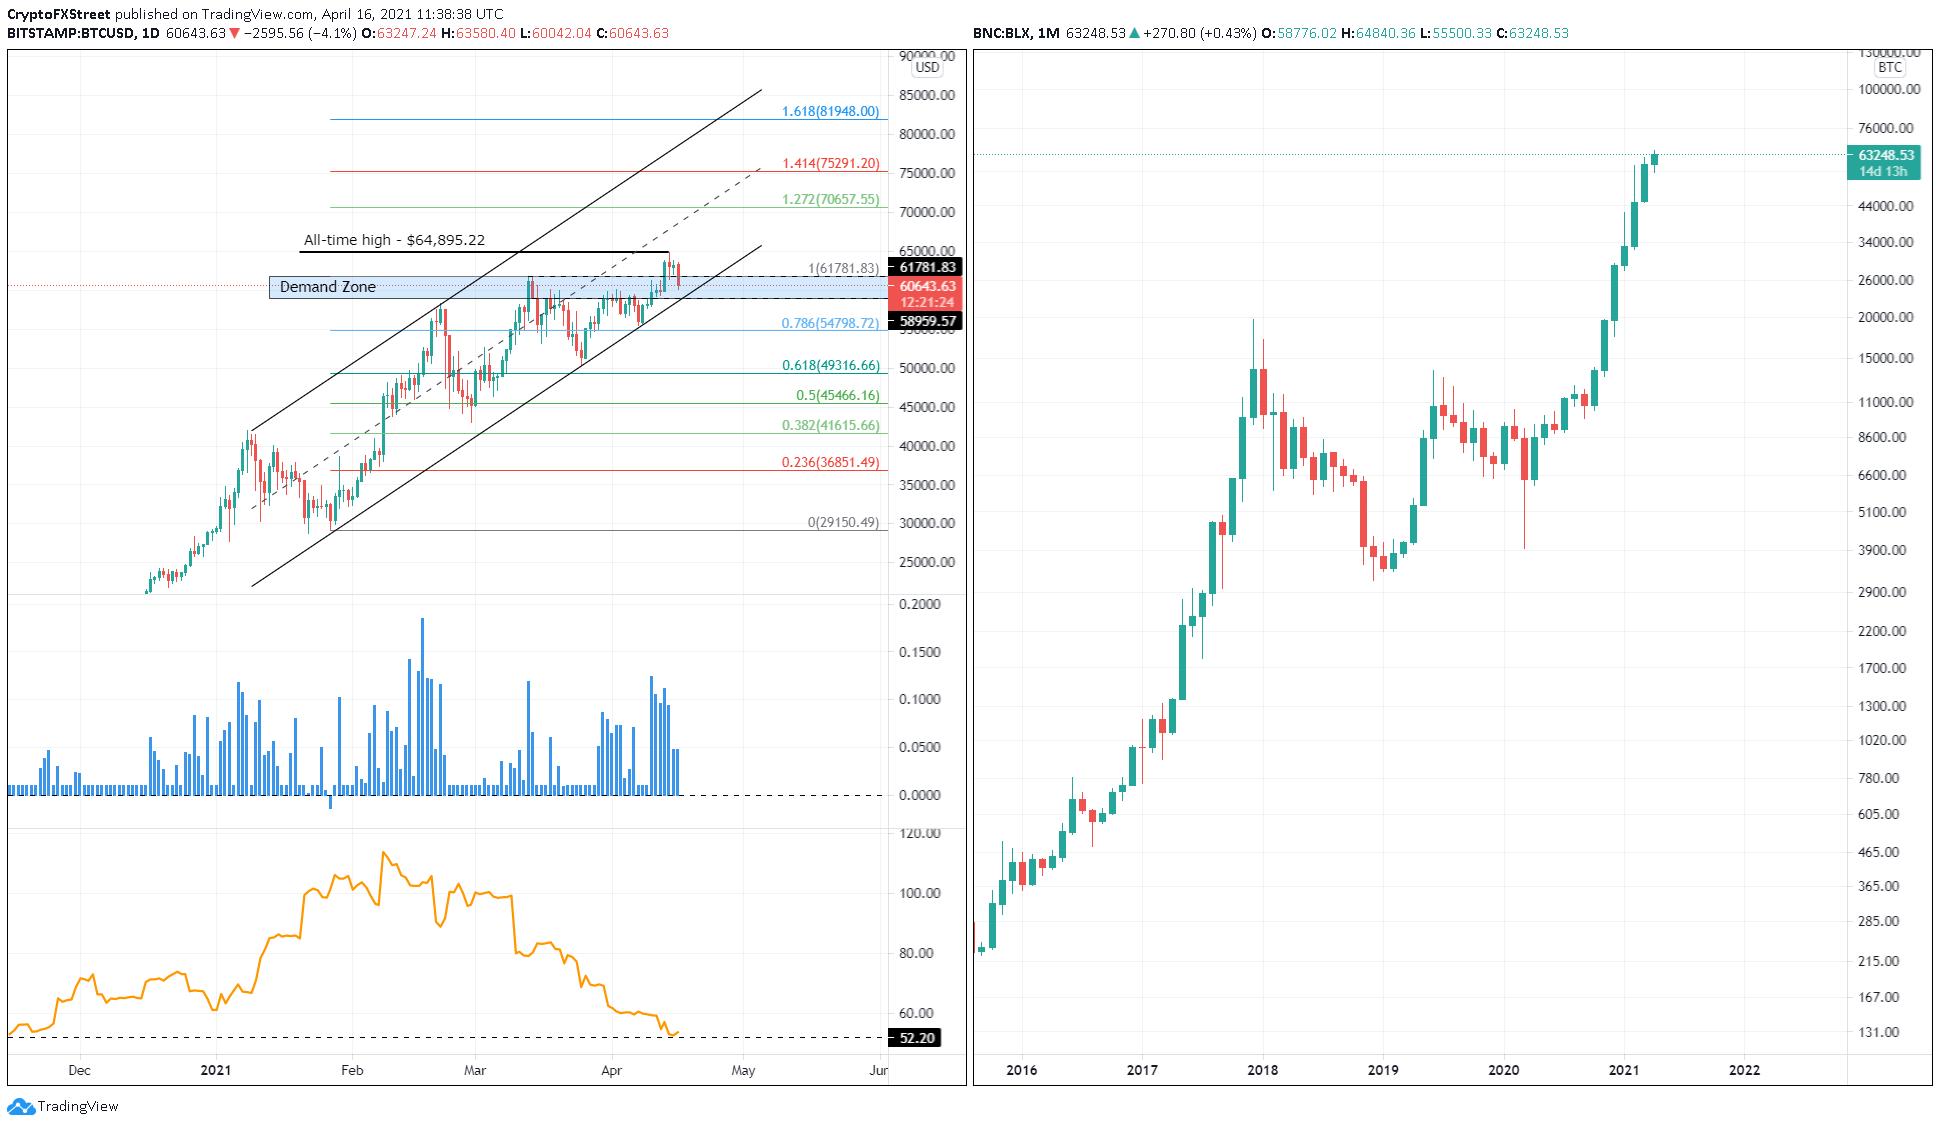 Graphique BTC / USD 1 jour, 1 mois